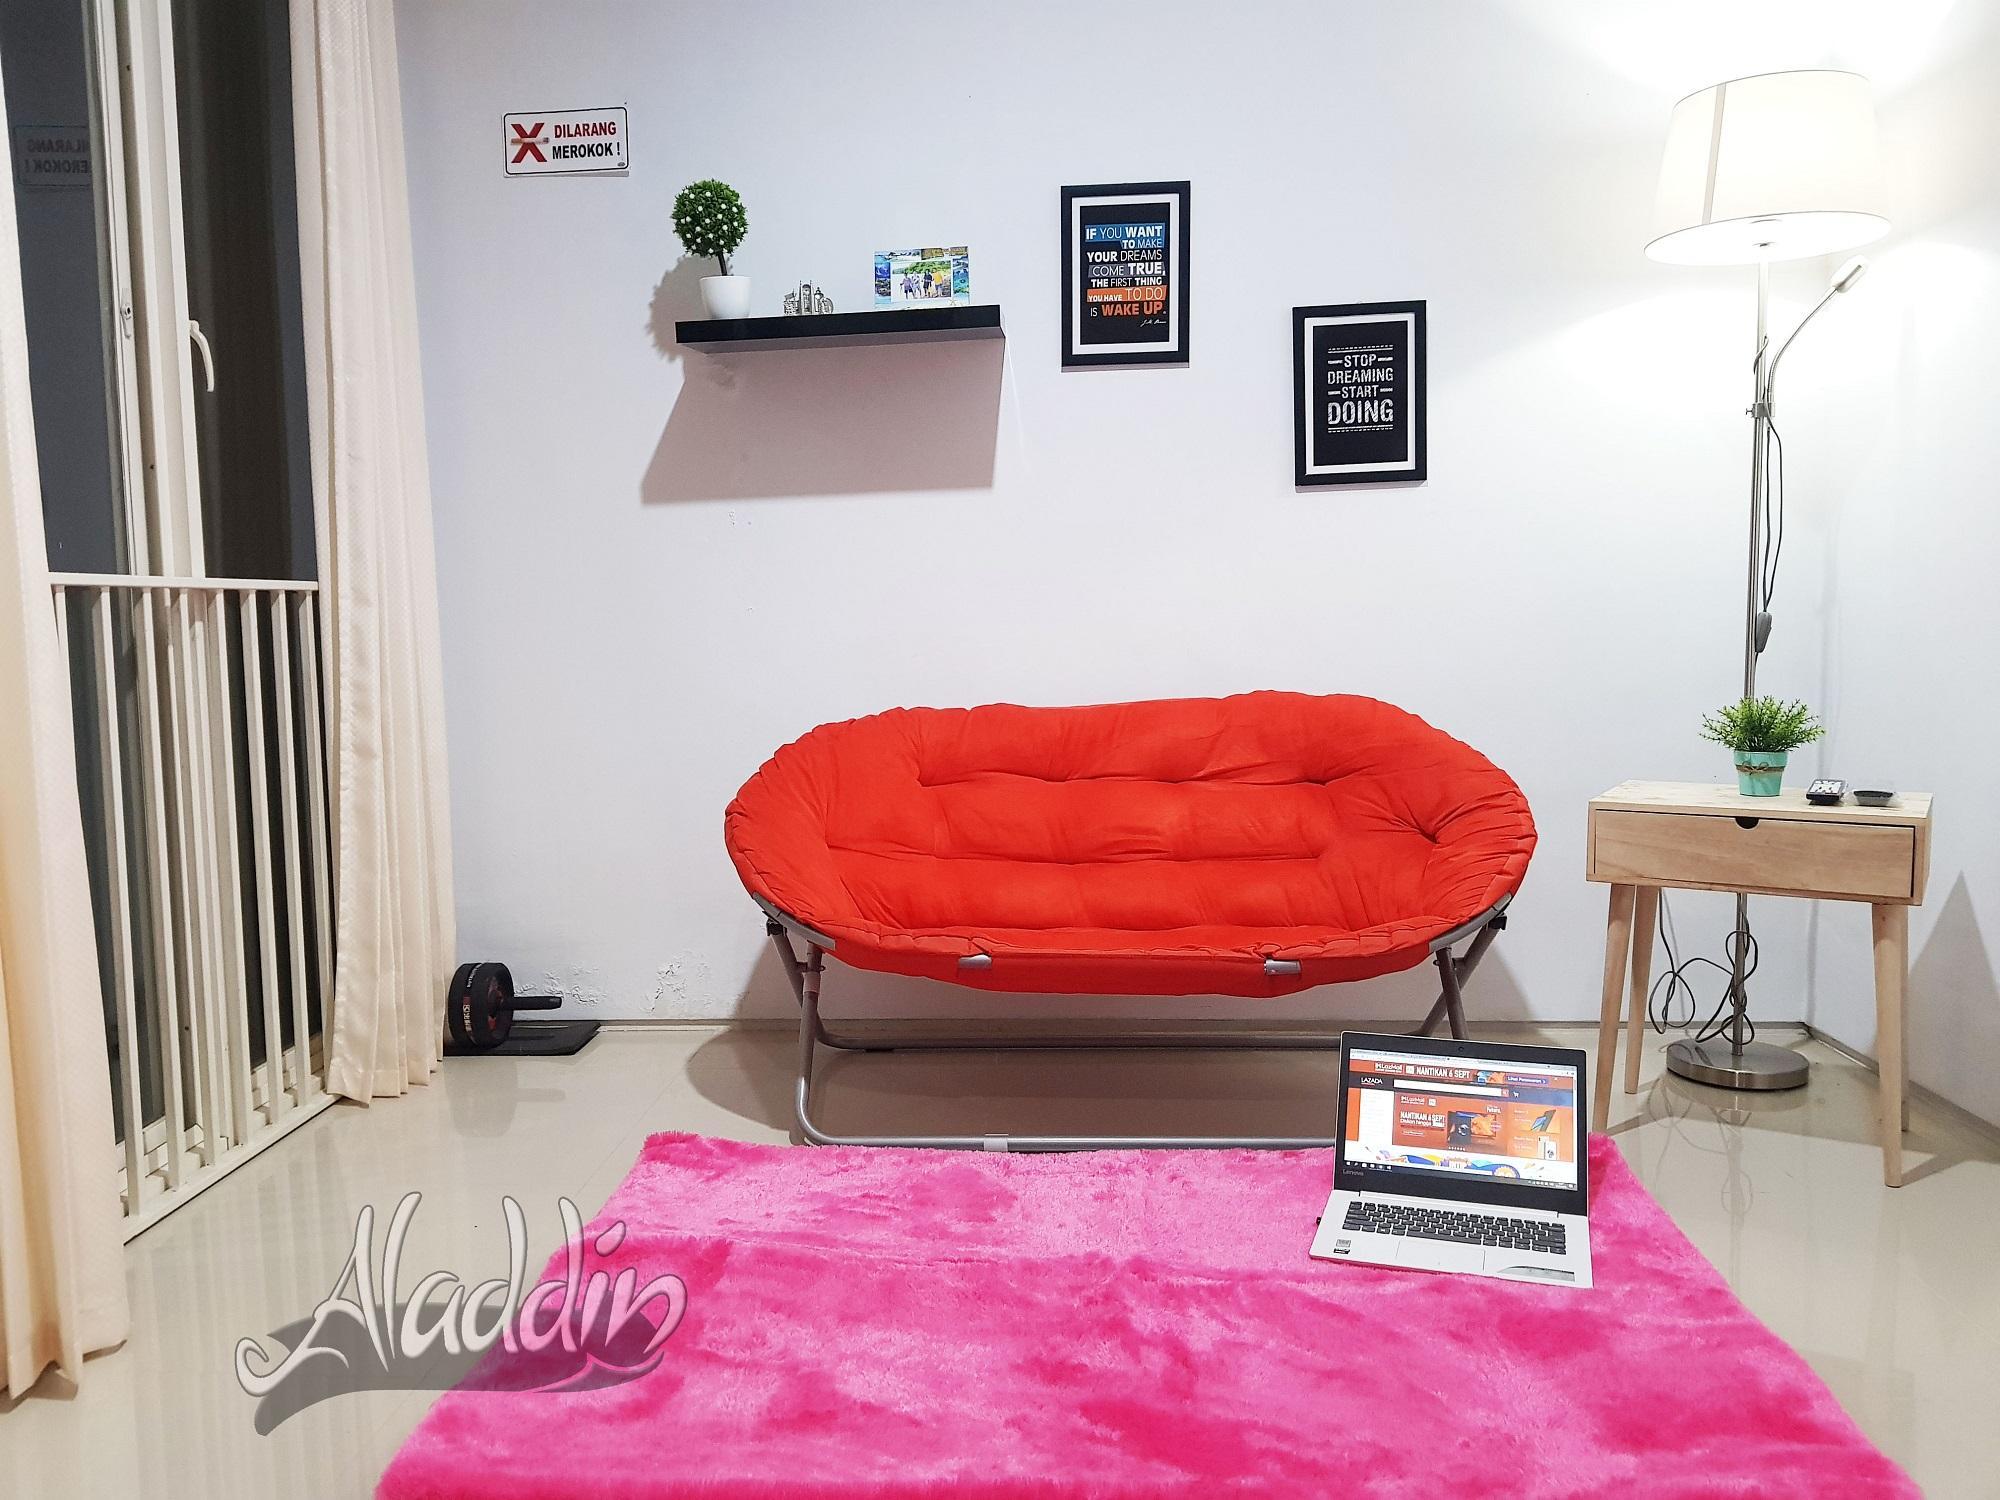 Aladdin - Karpet bulu rasfur lembut busa empuk (100x150x2cm) bintik super / karpet lantai